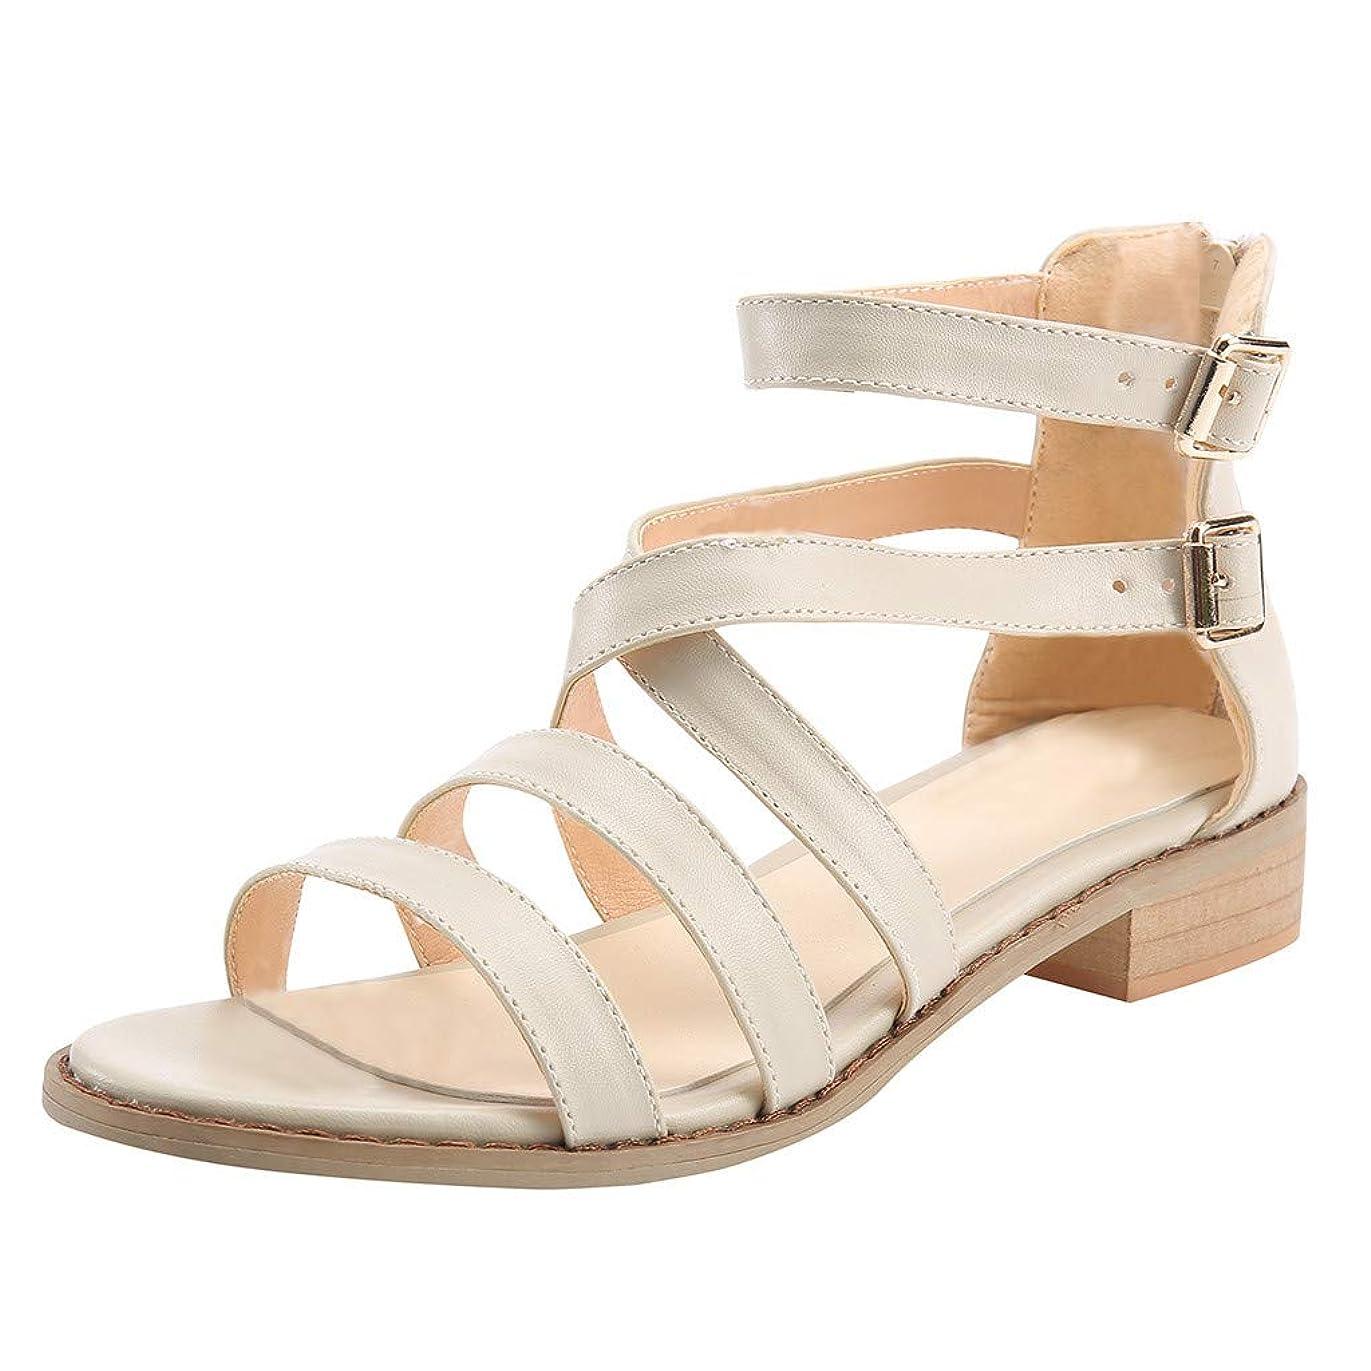 マイルほめる傾向があるRespctful_shoes DRESS メンズ